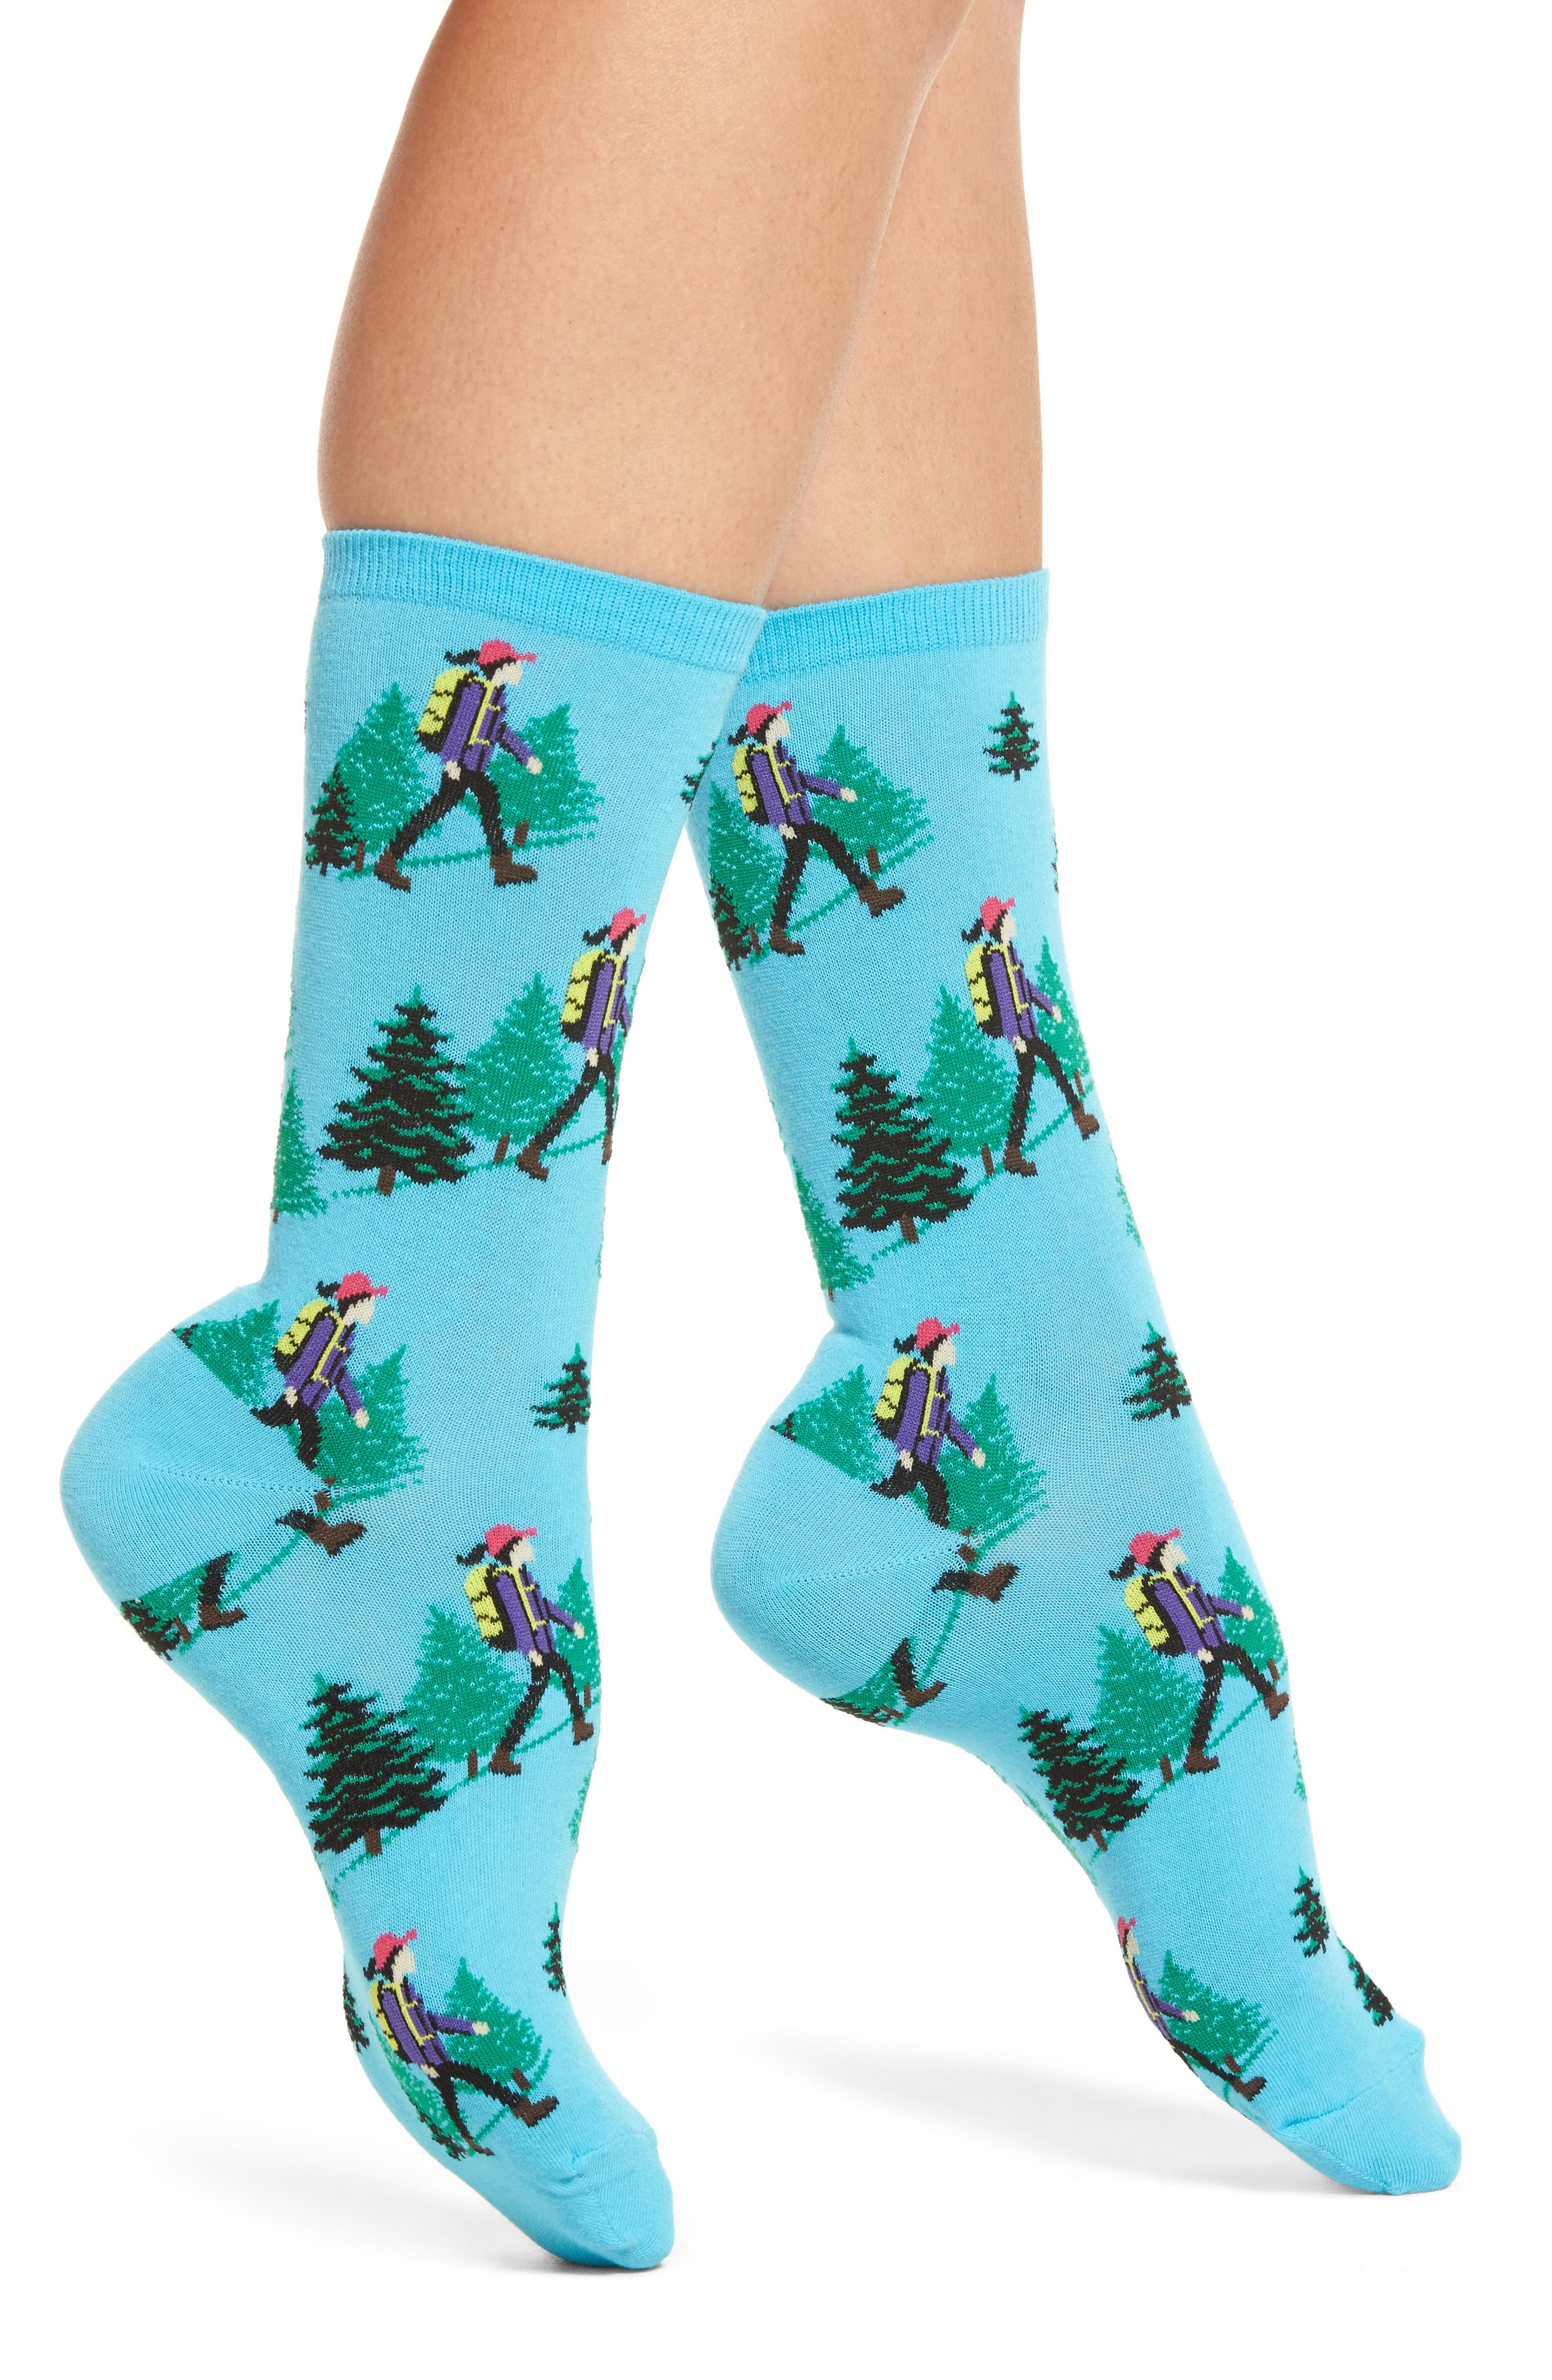 Hiker Socks,                             Main thumbnail 1, color,                             Light Blue